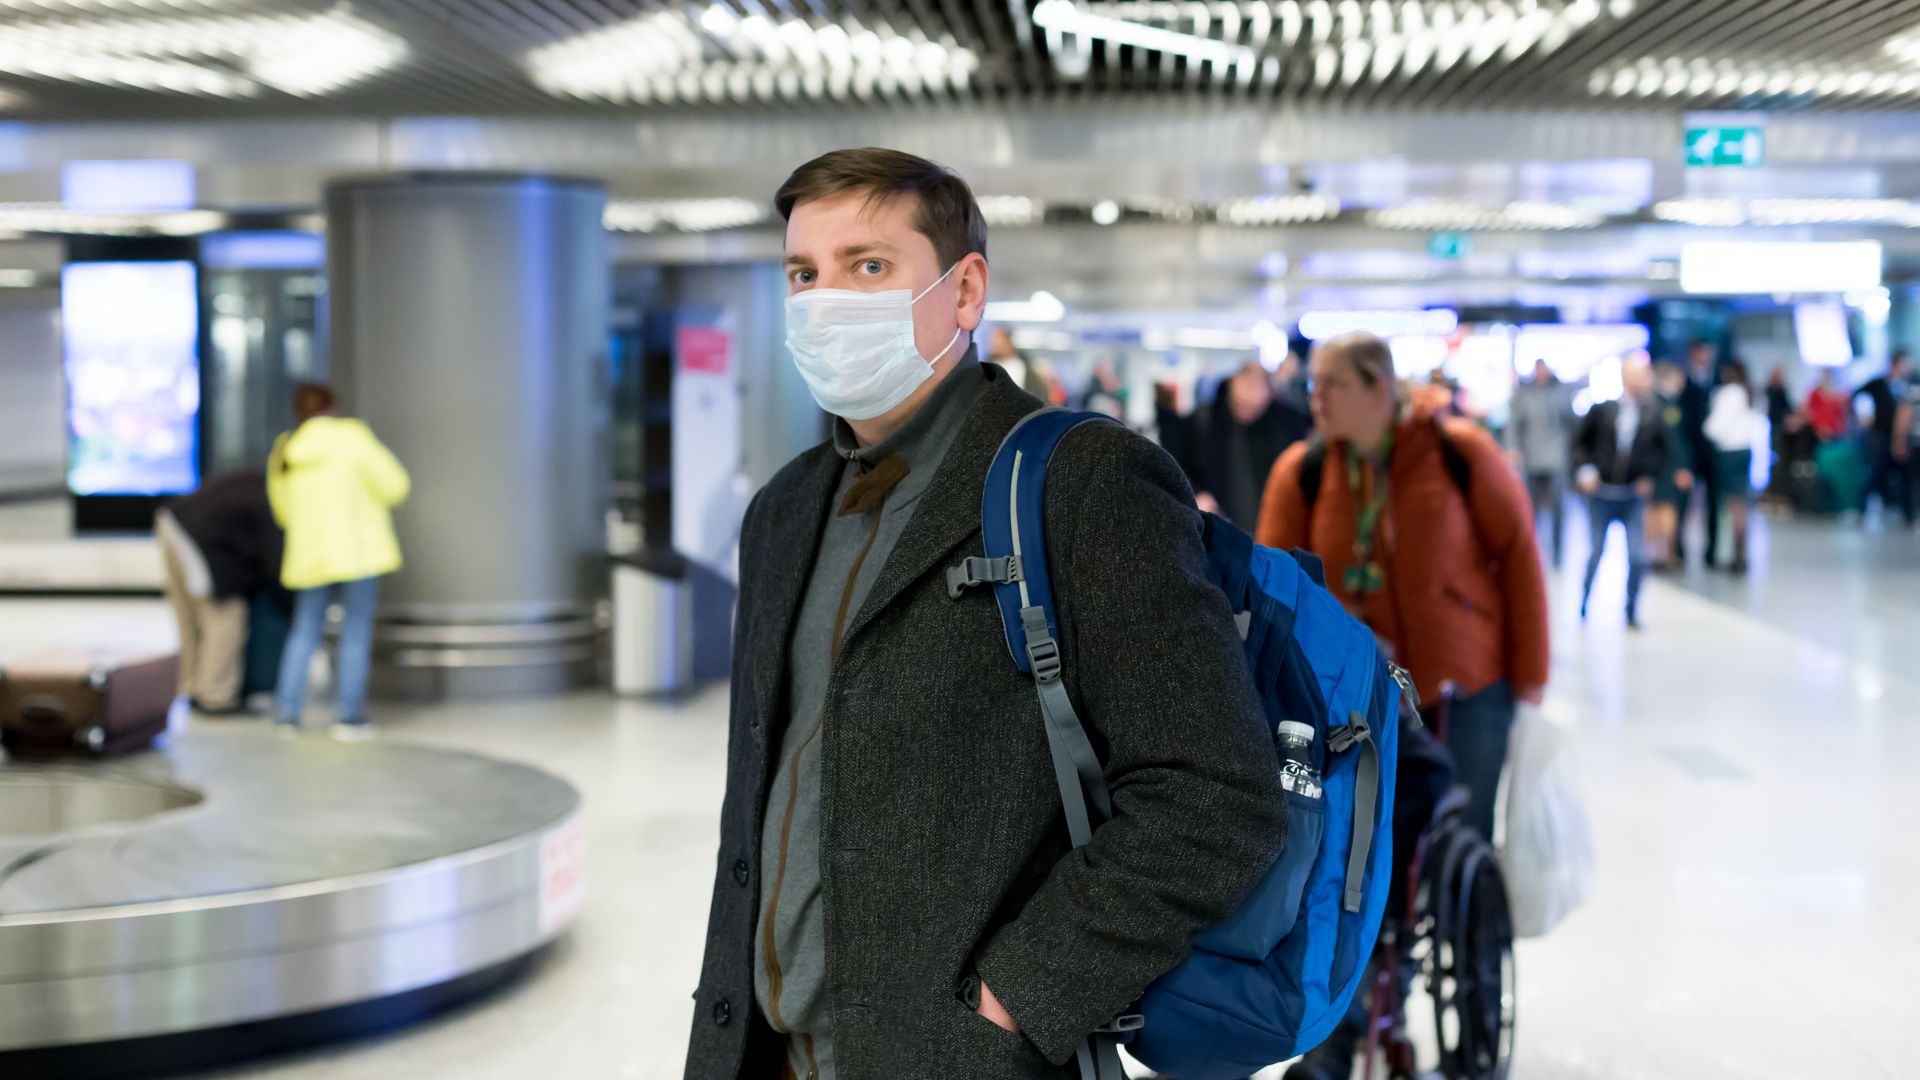 Новият коронавирус: Какви мерки да взема при пътуване в чужбина?